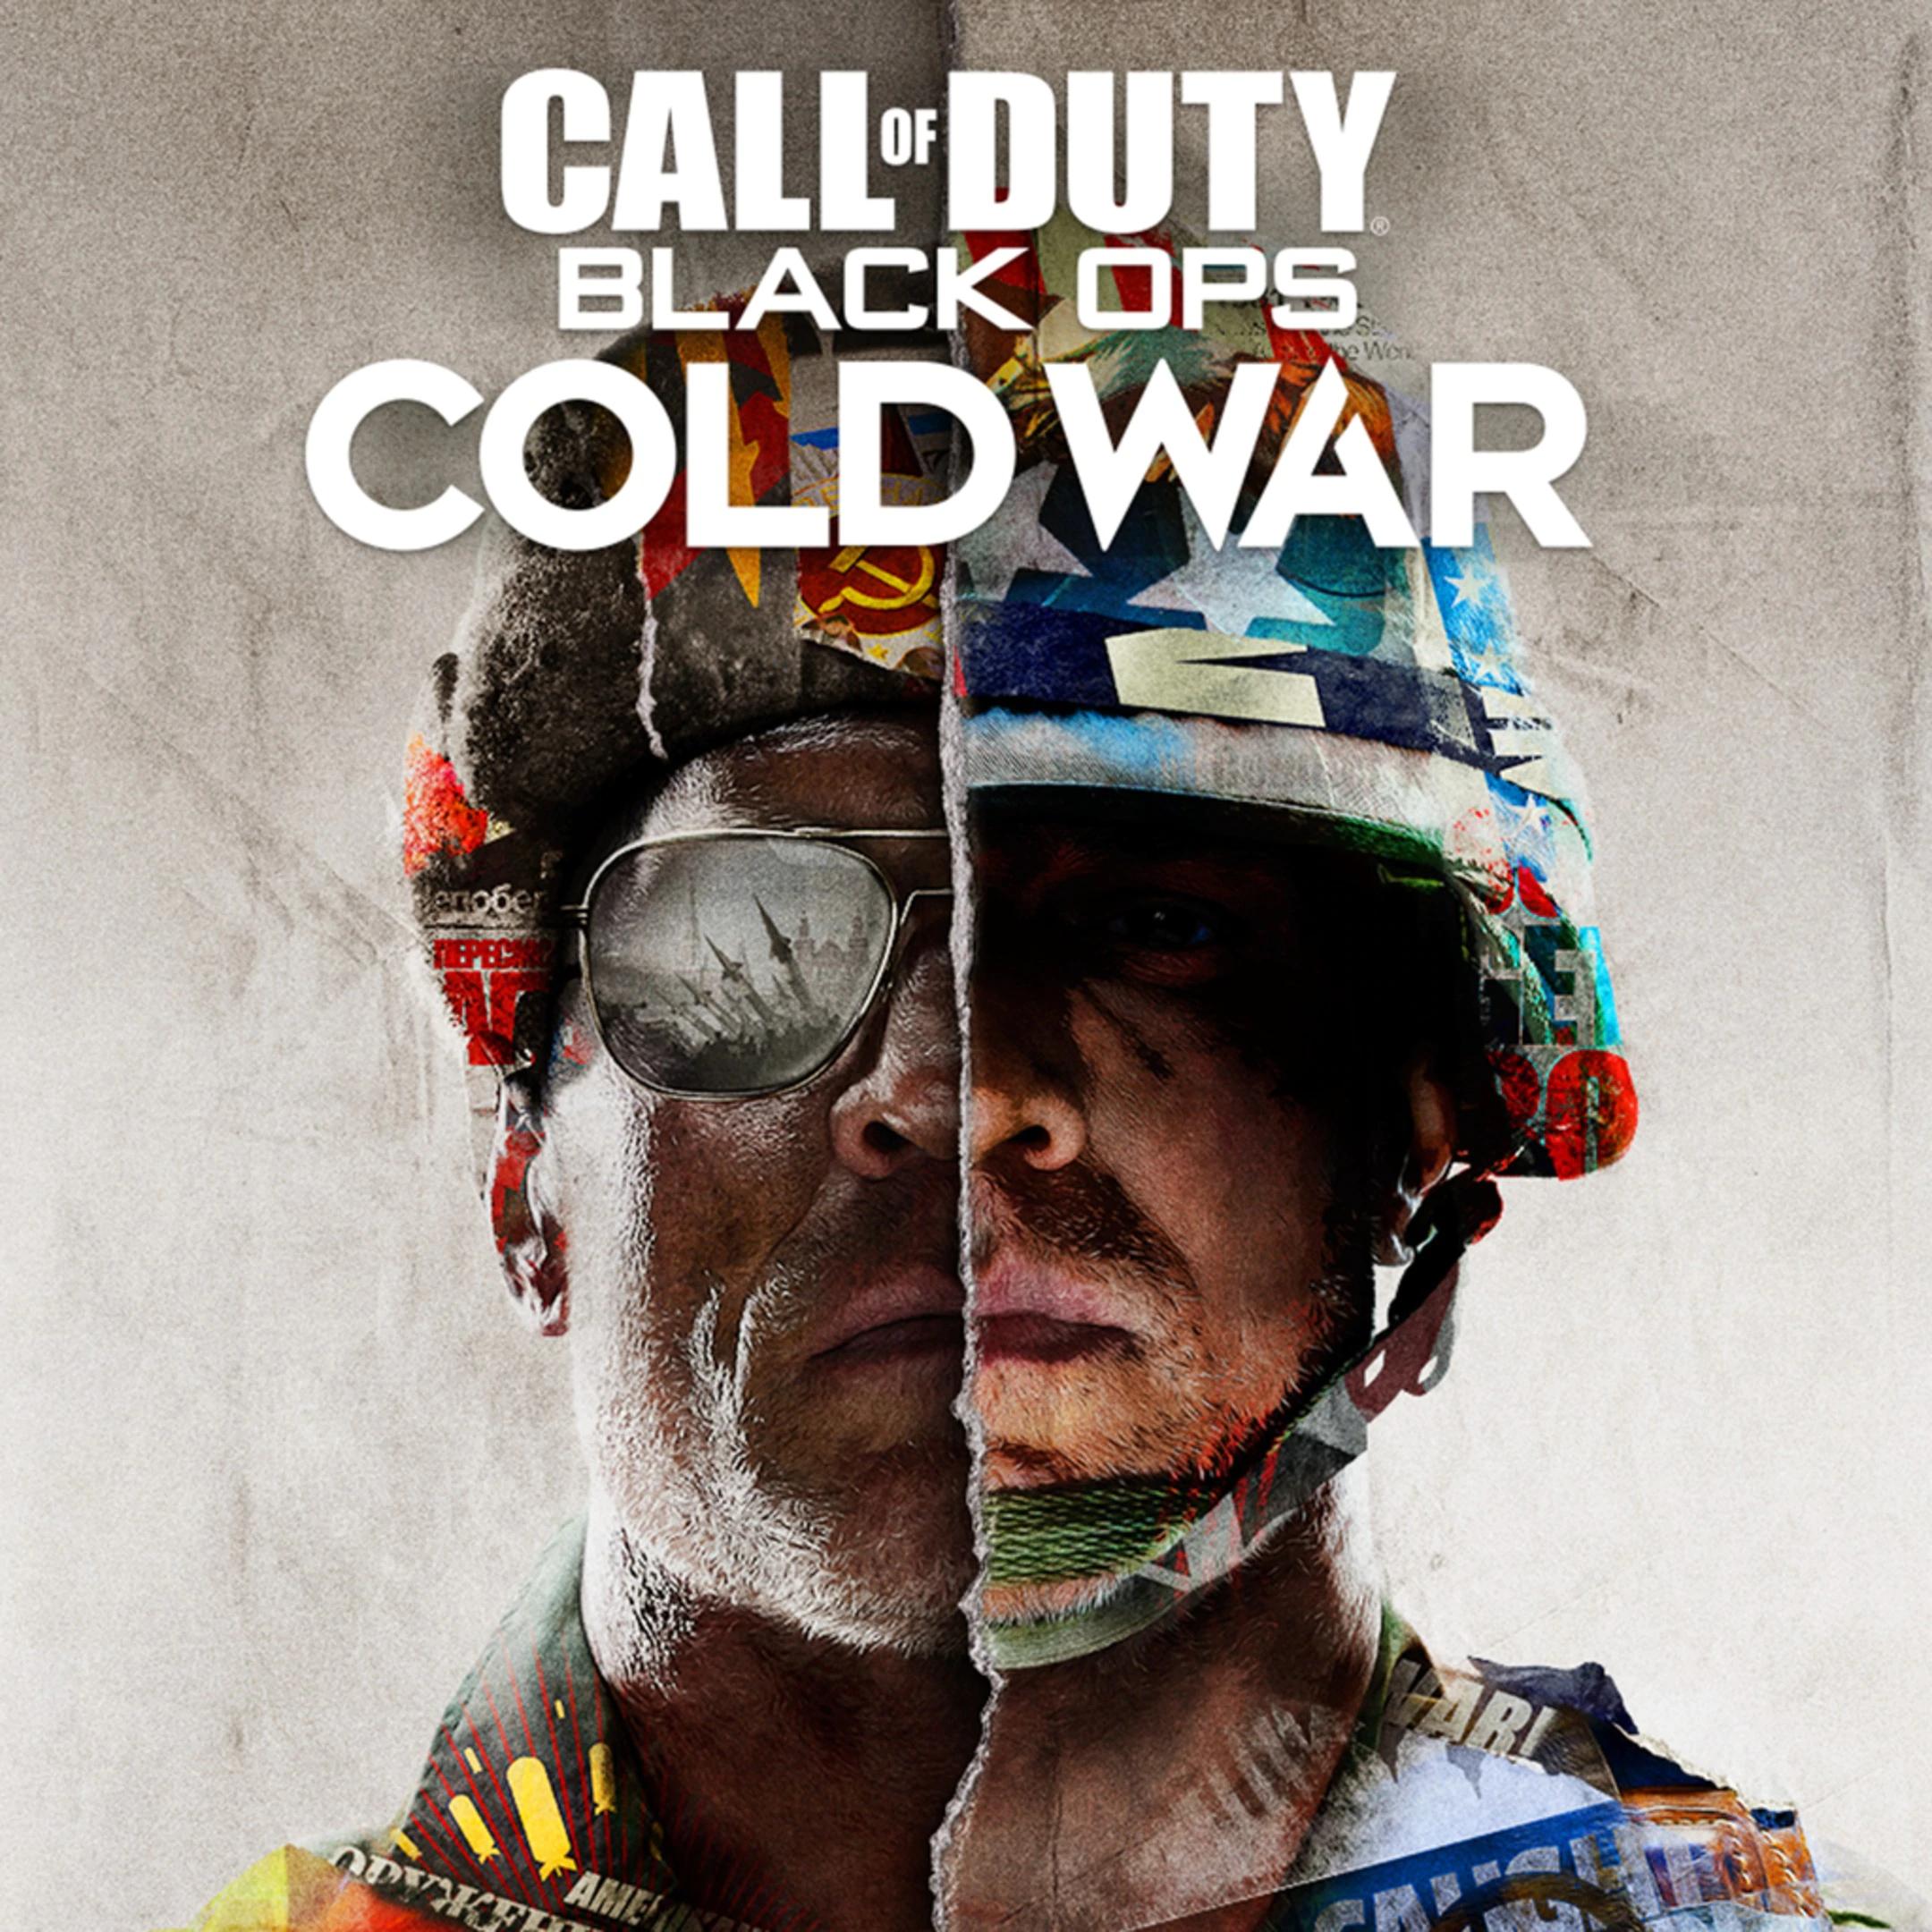 Jeu Call of Duty Black ops Cold War sur PC (Dématérialisé, Battle.net)